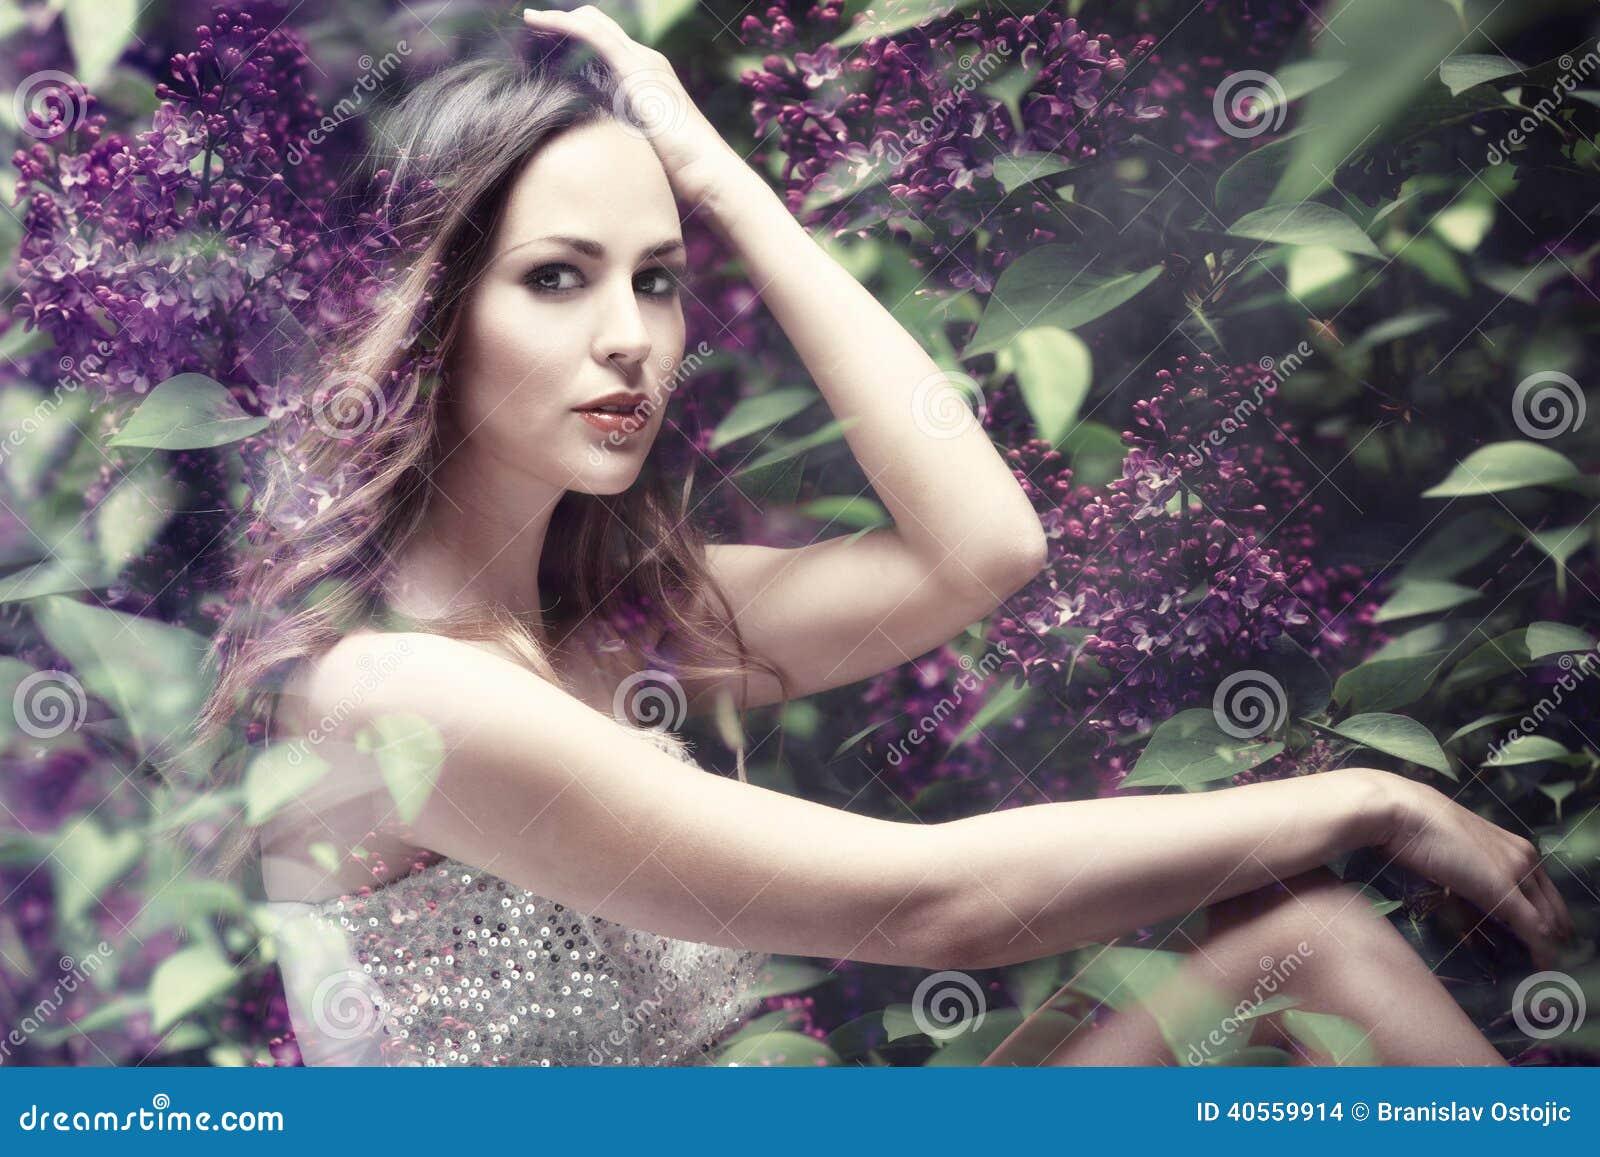 在淡紫色花的森林若虫,综合照片.图片